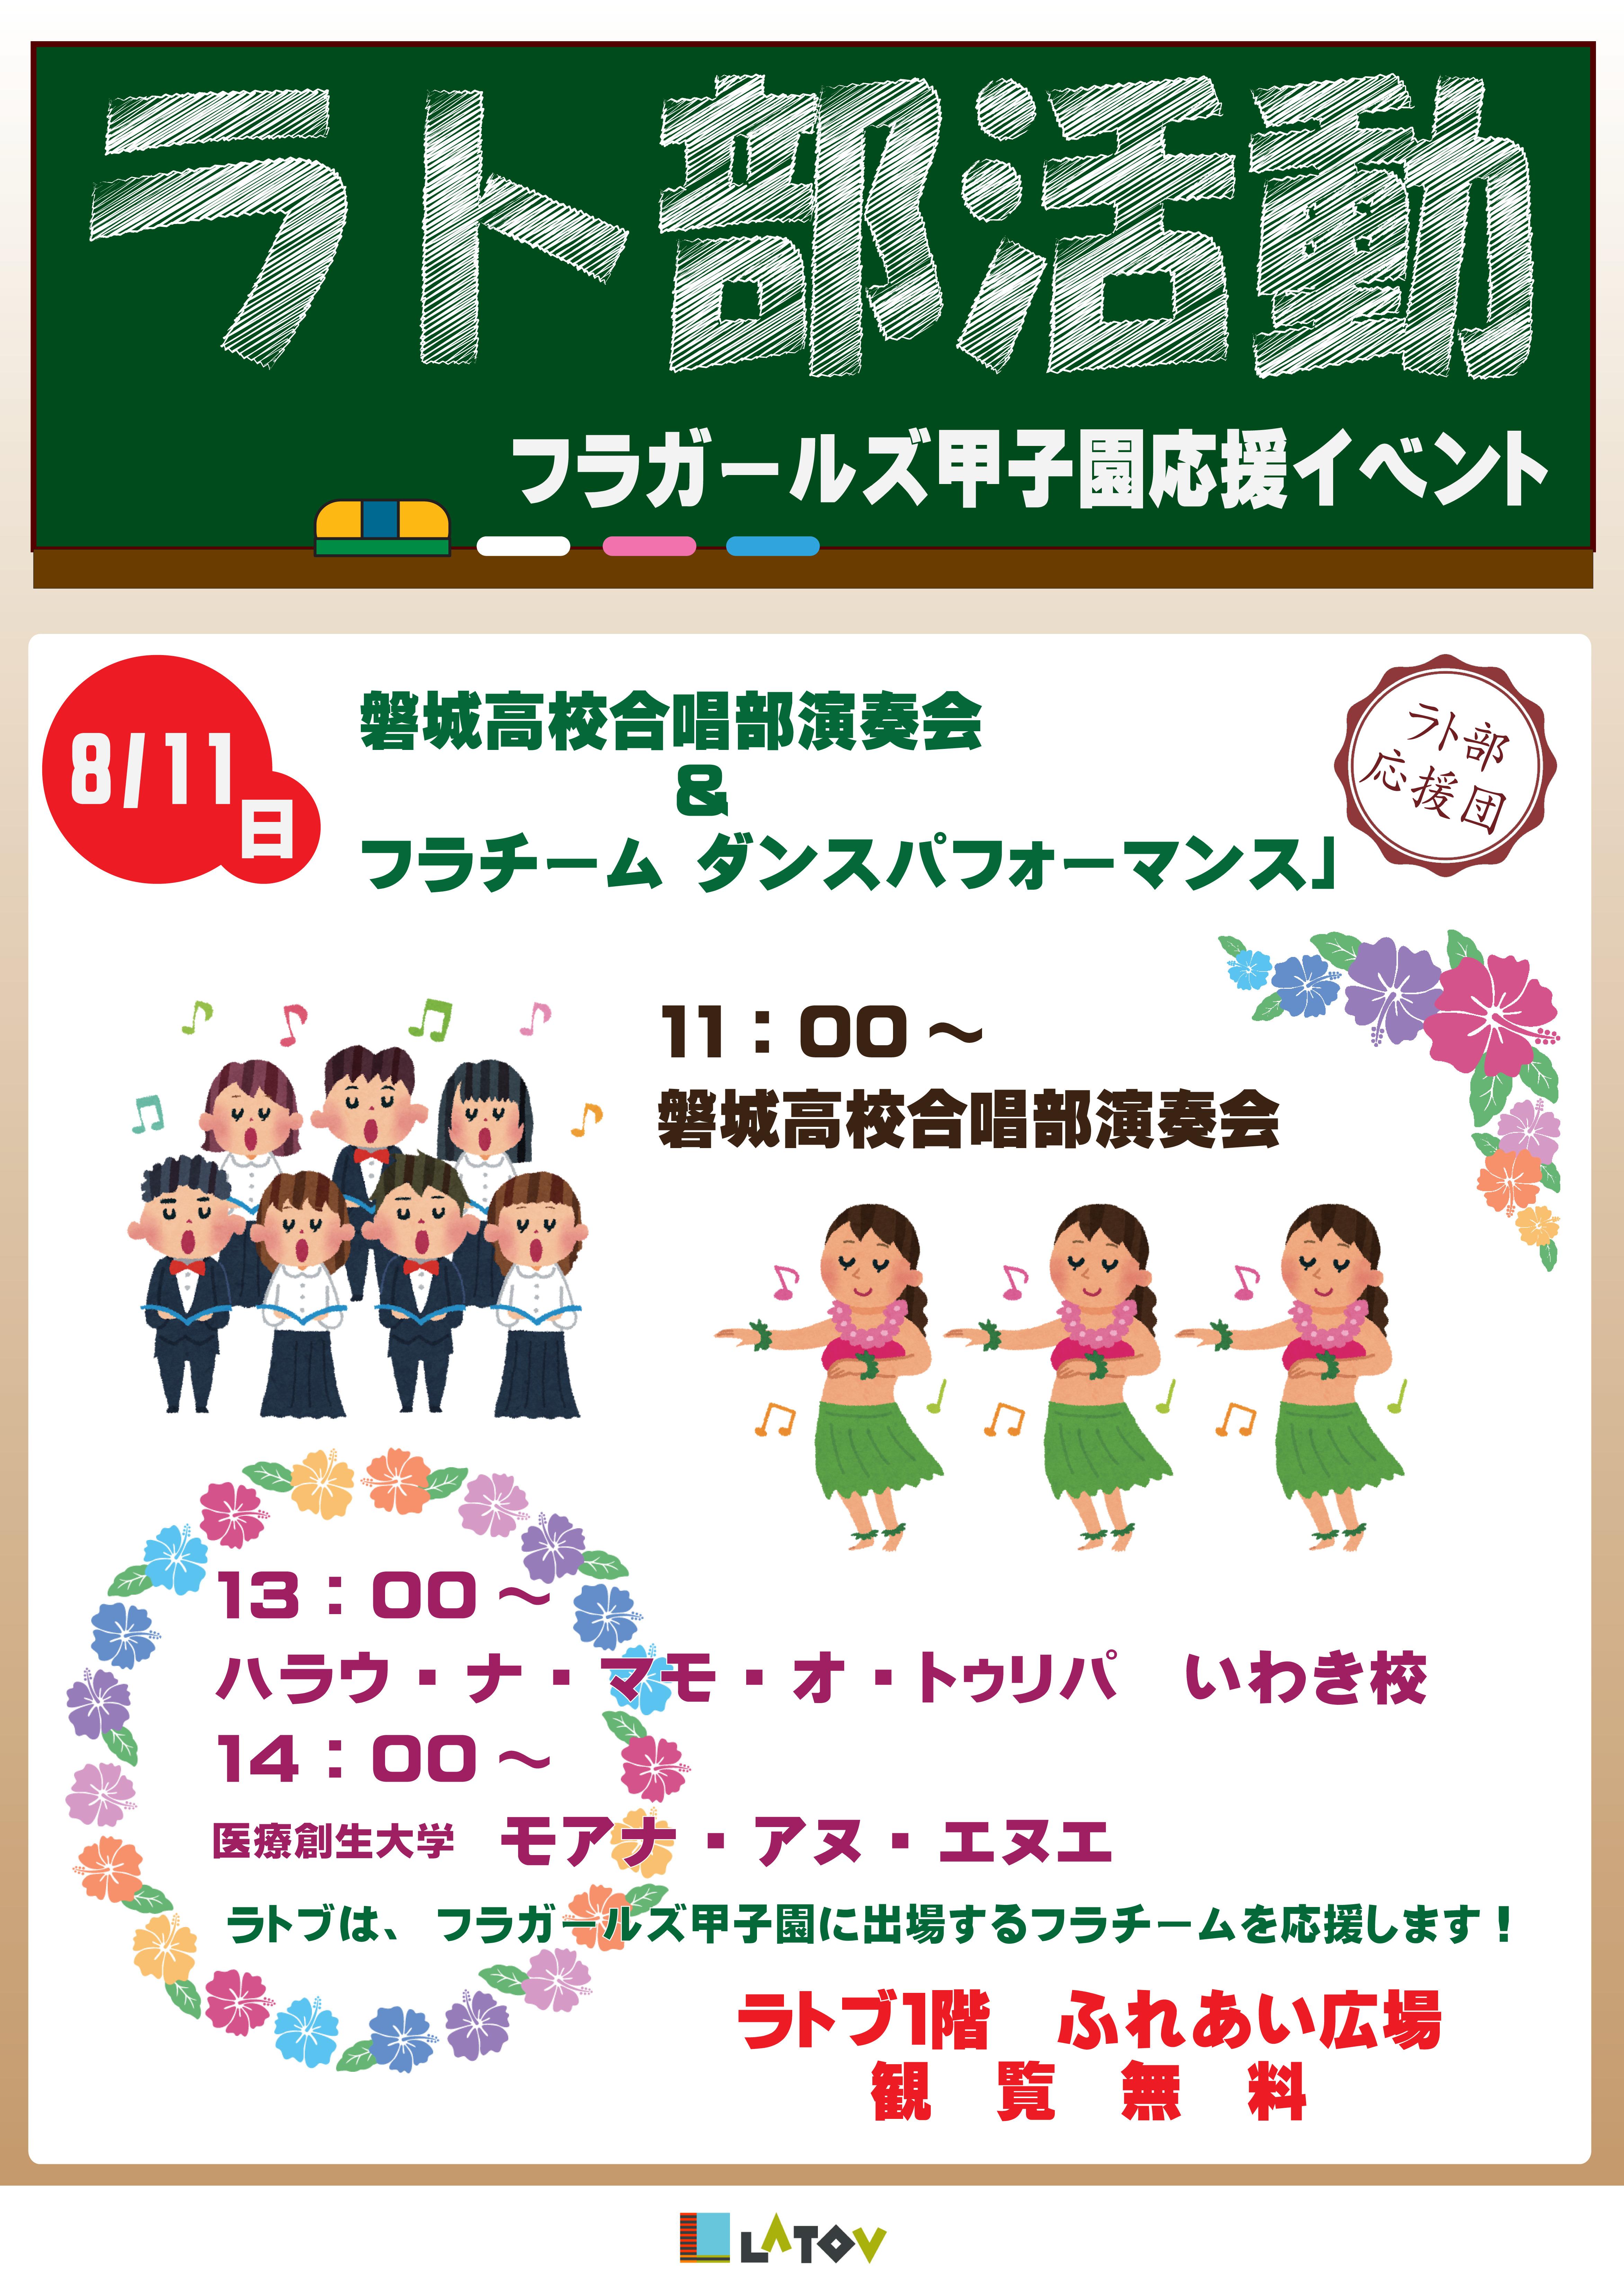 *フラガールズ甲子園応援イベント*【8月11日】